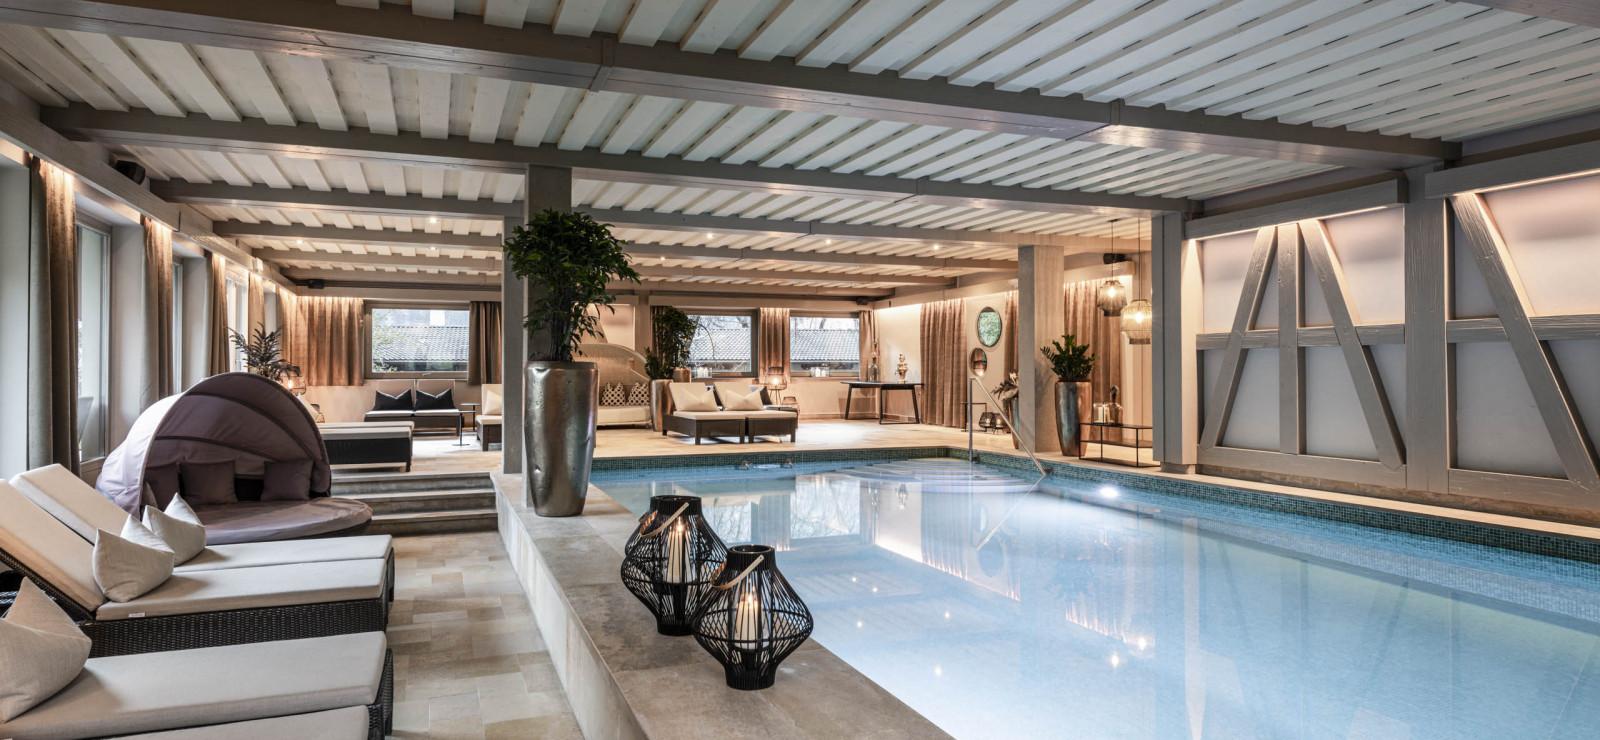 Romantik Hotel Stafler Bilder | Bild 1